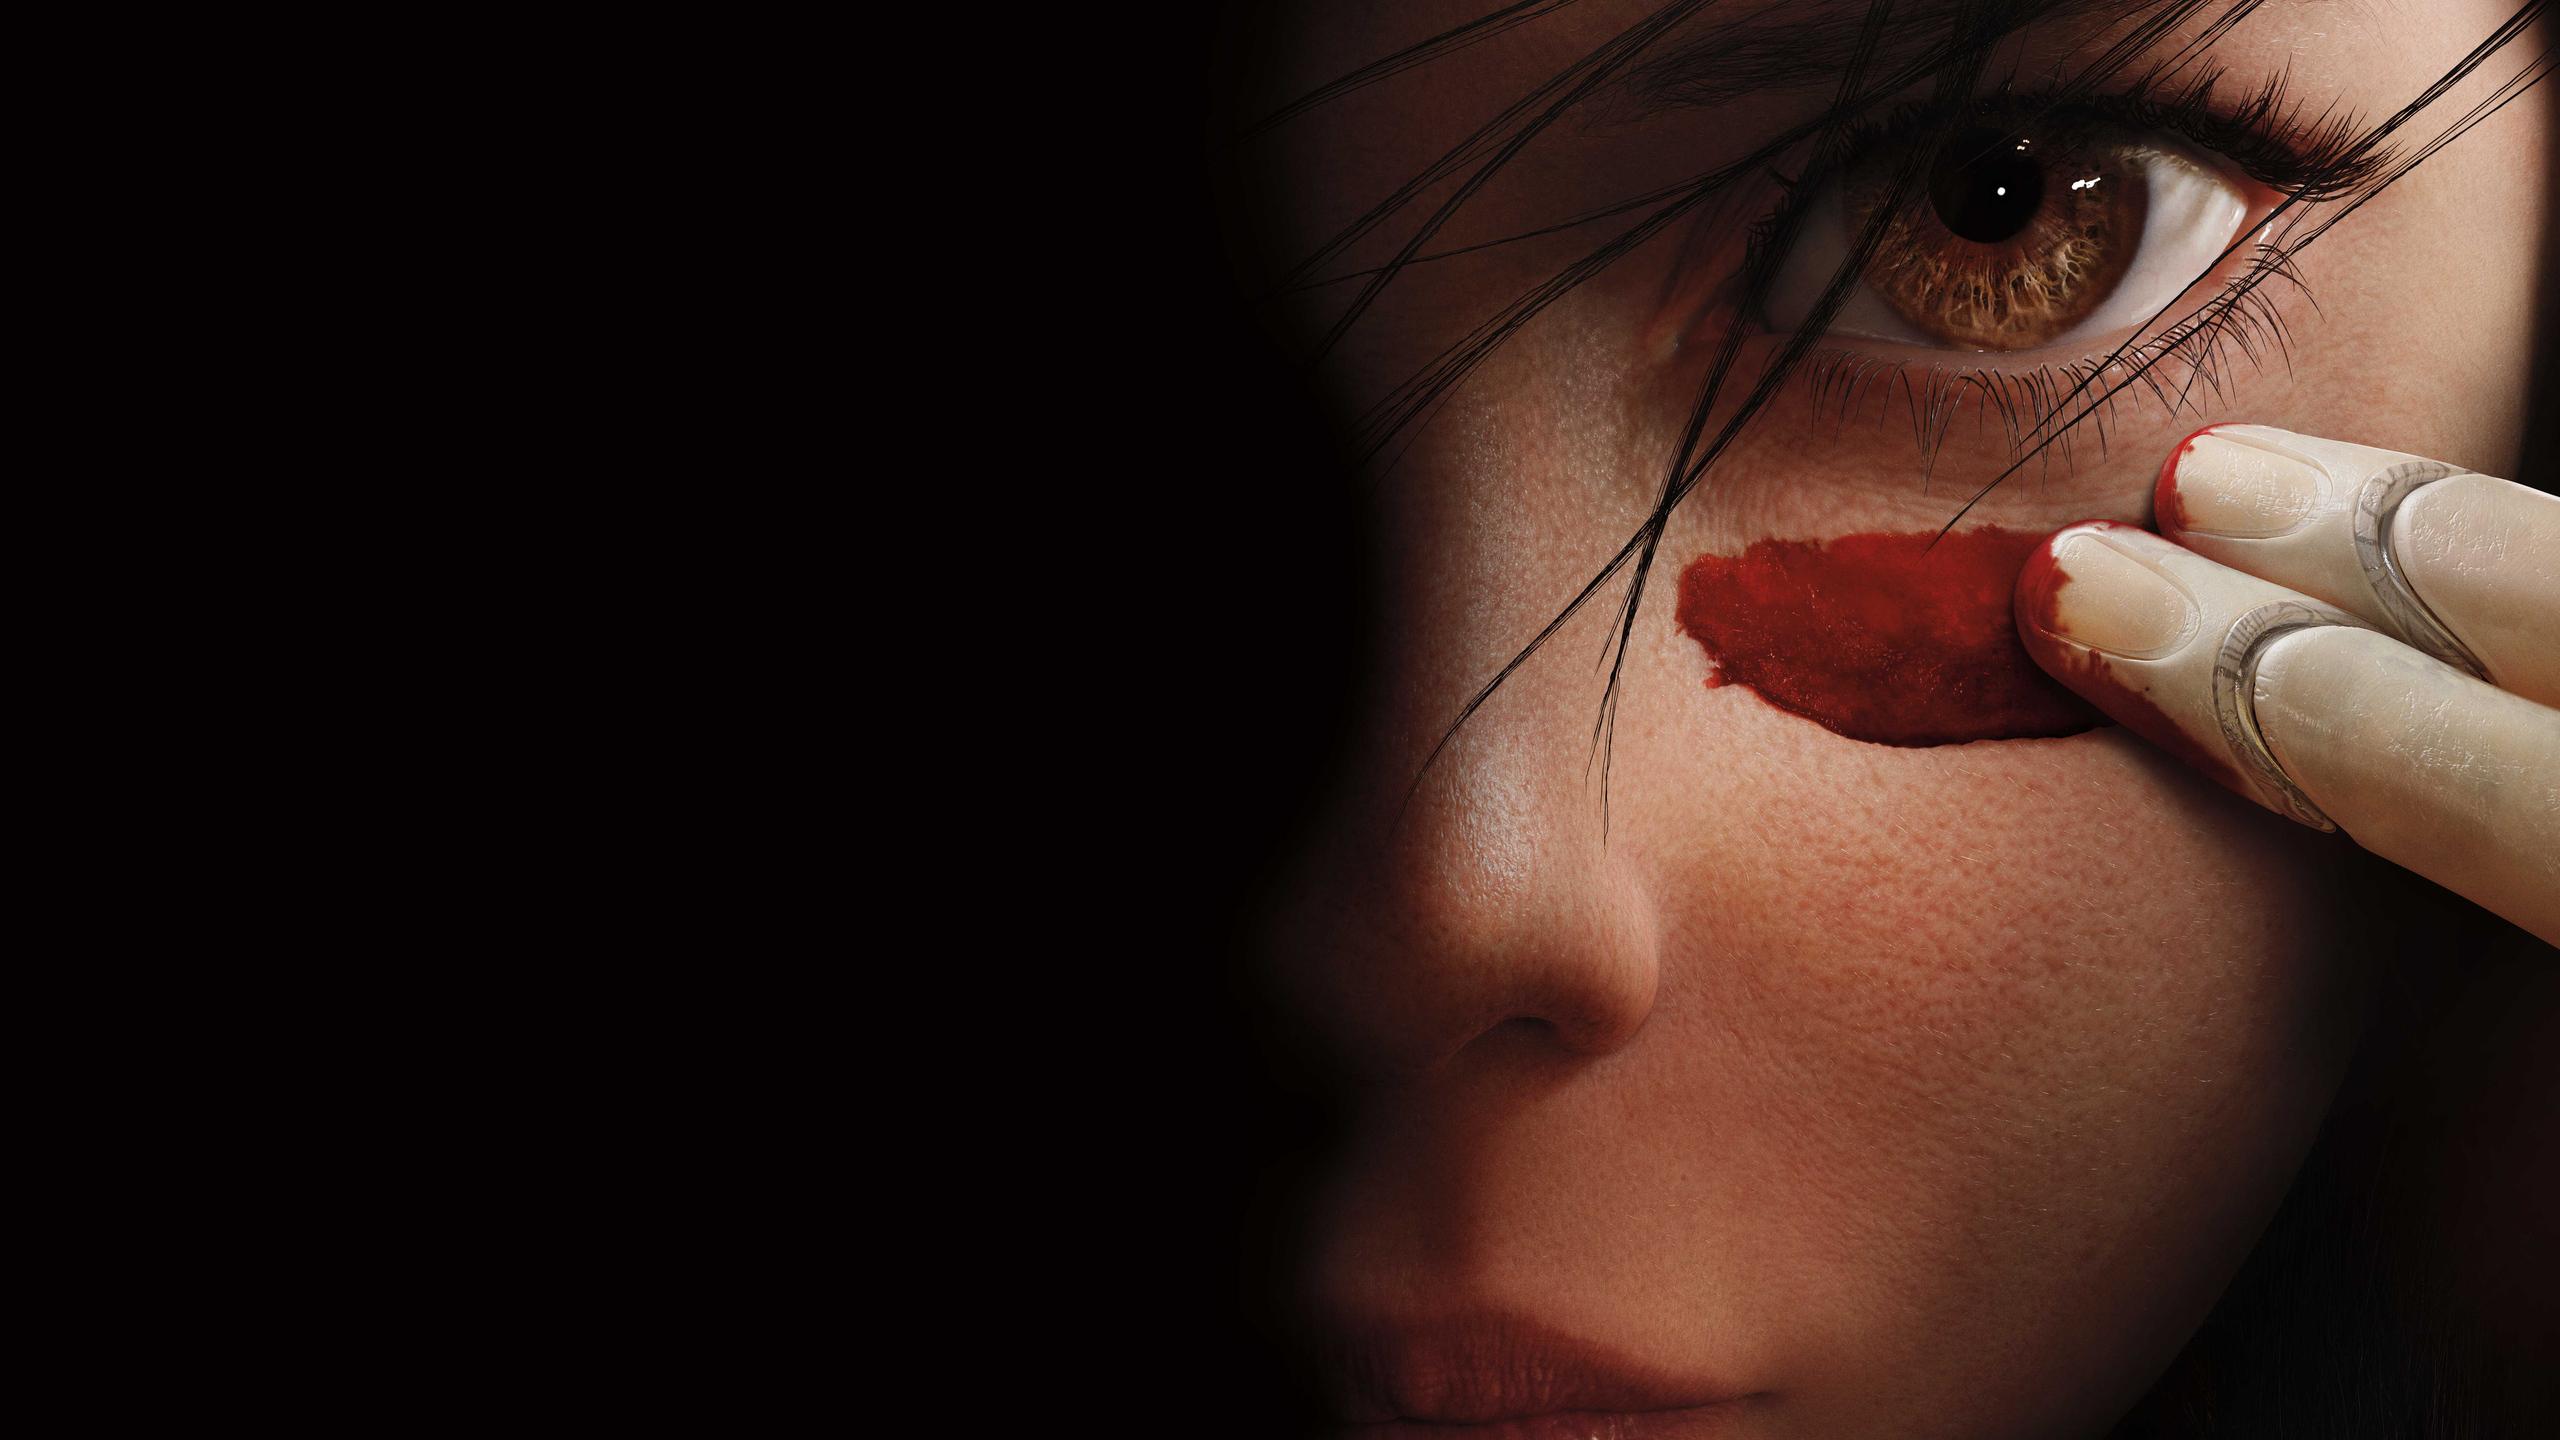 General 2560x1440 black background Alita: Battle Angel brown eyes movies Alita fingers looking at viewer women